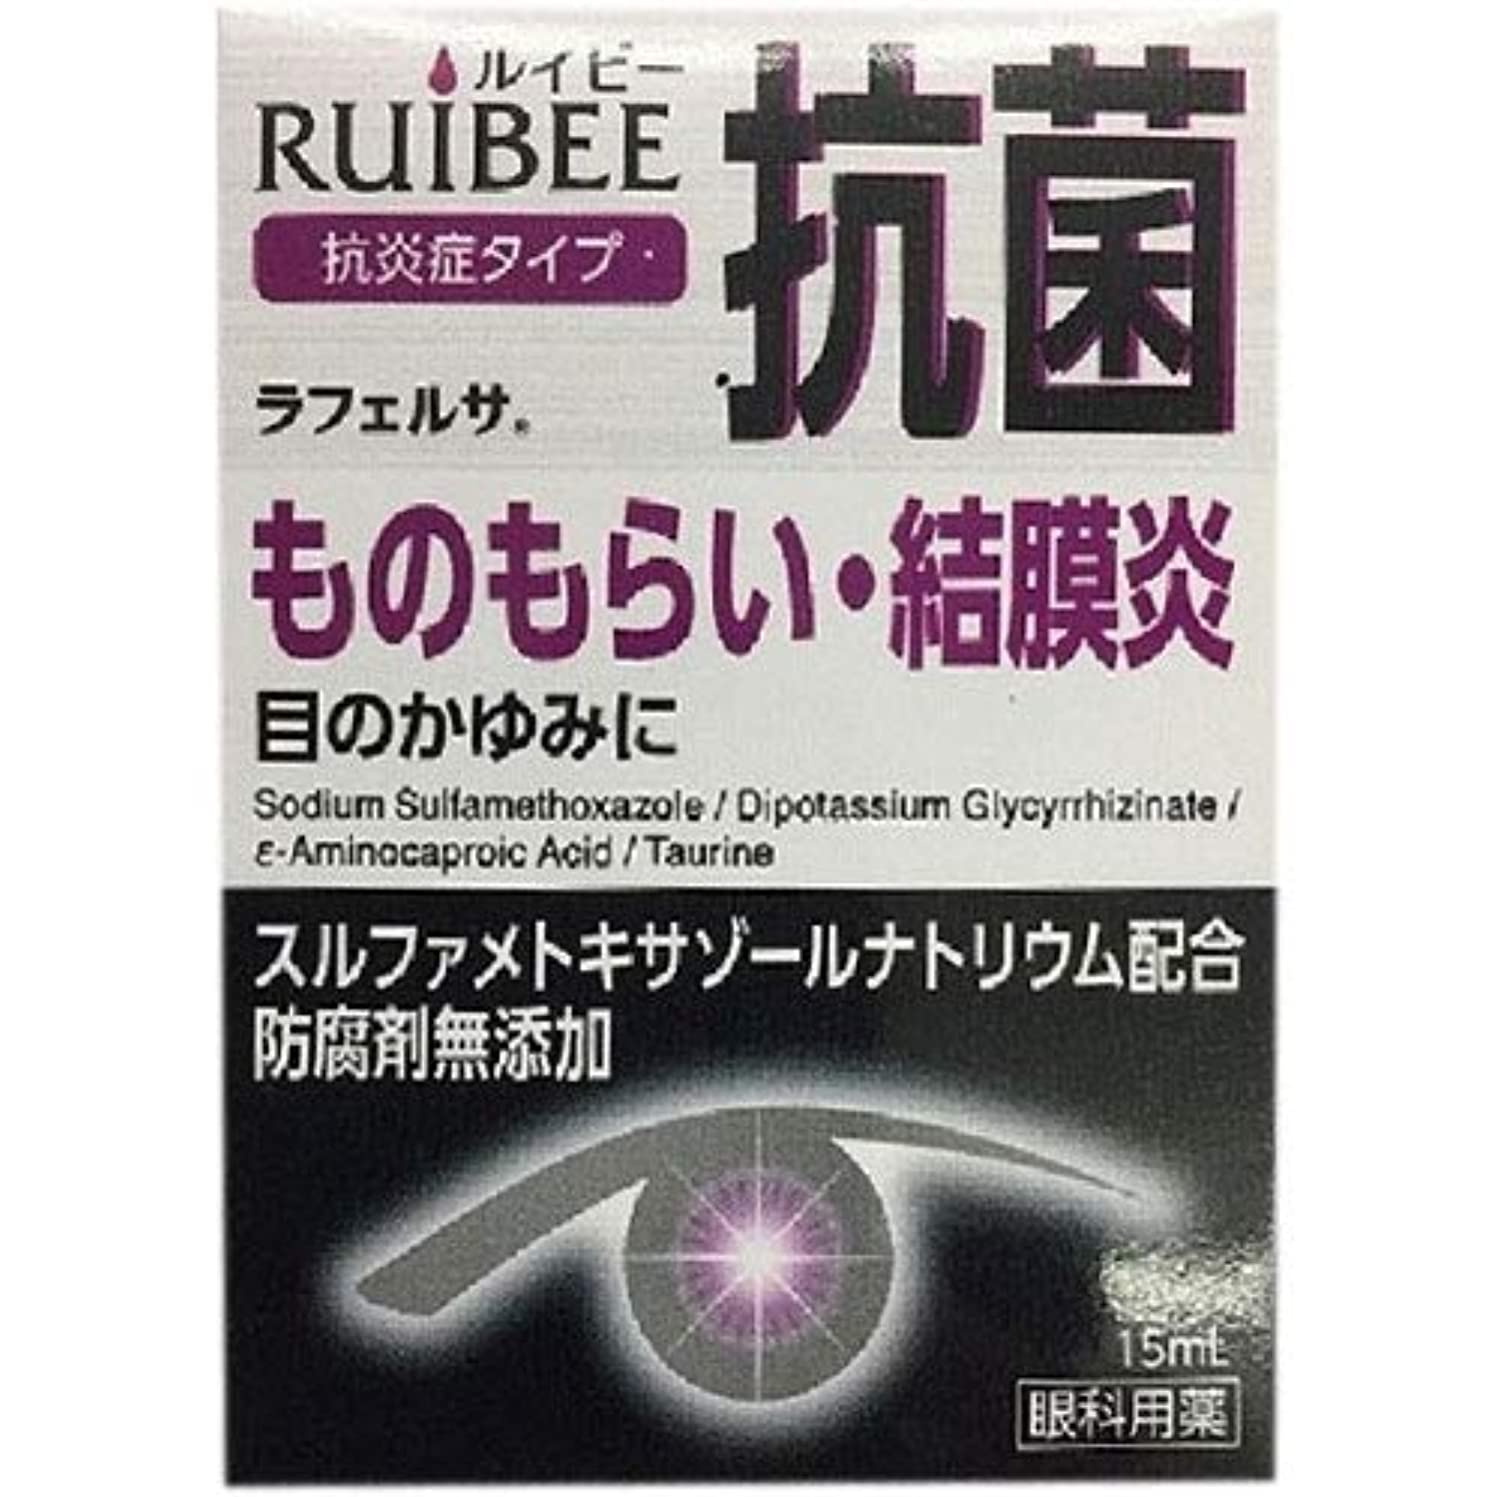 校長放射性節約【第2類医薬品】ルイビー抗菌 15mL